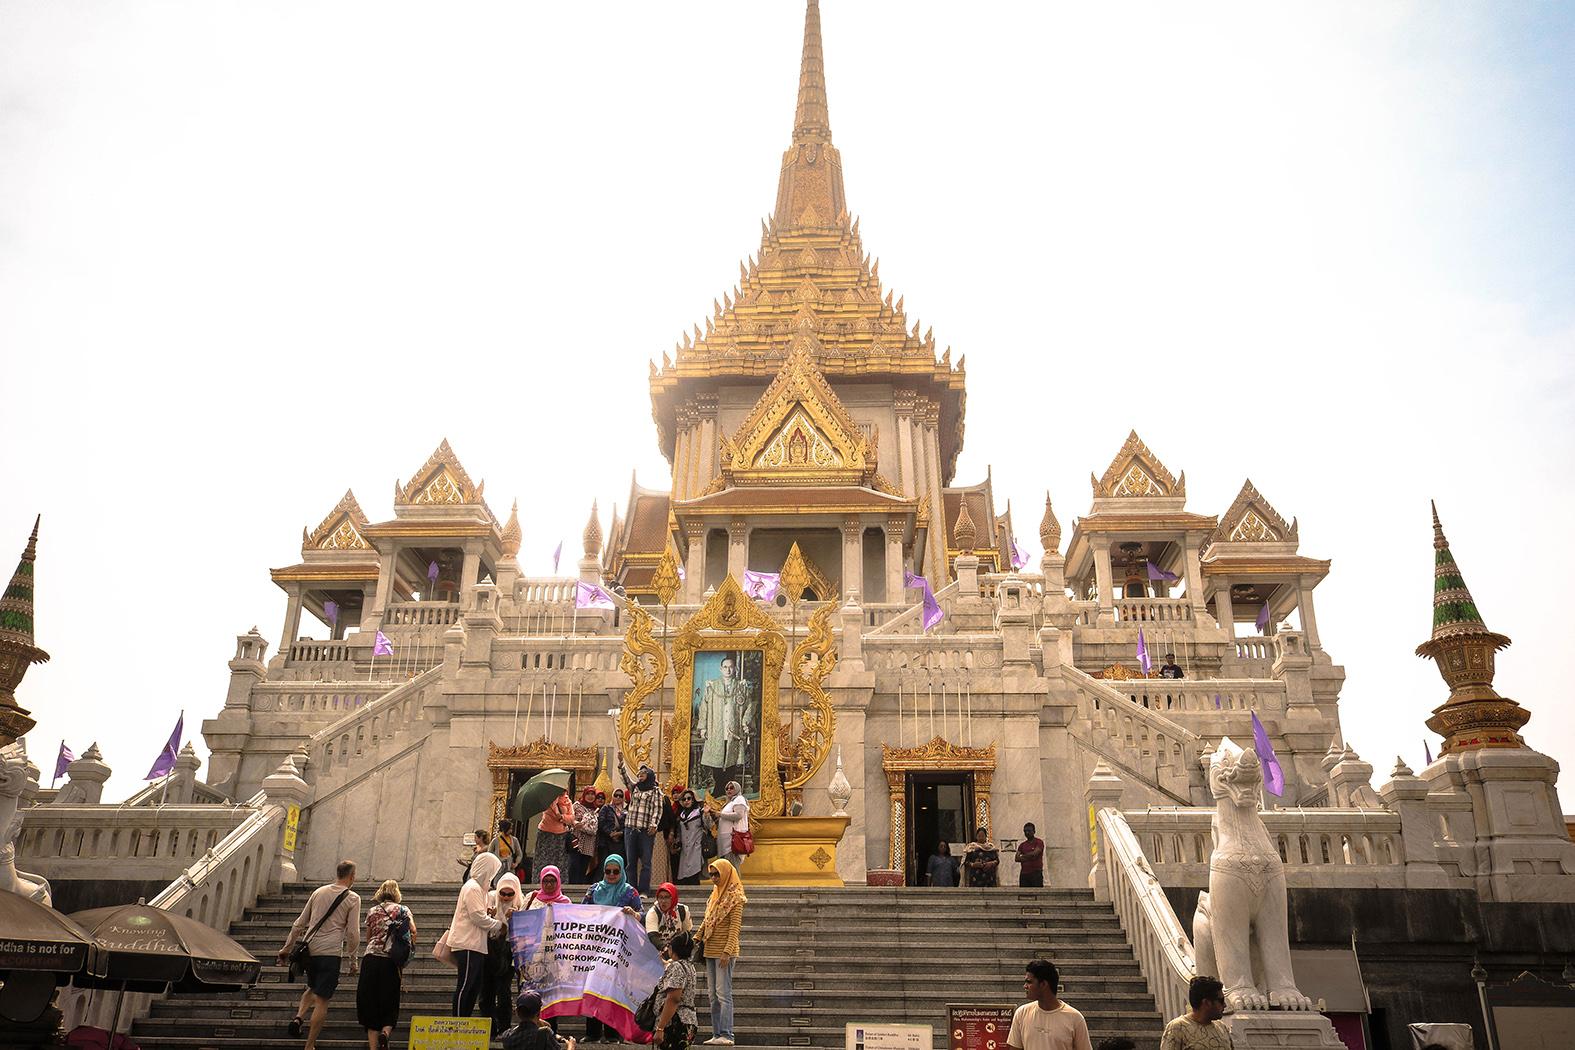 Paket Wisata Tour Thailand/Bangkok Murah 9